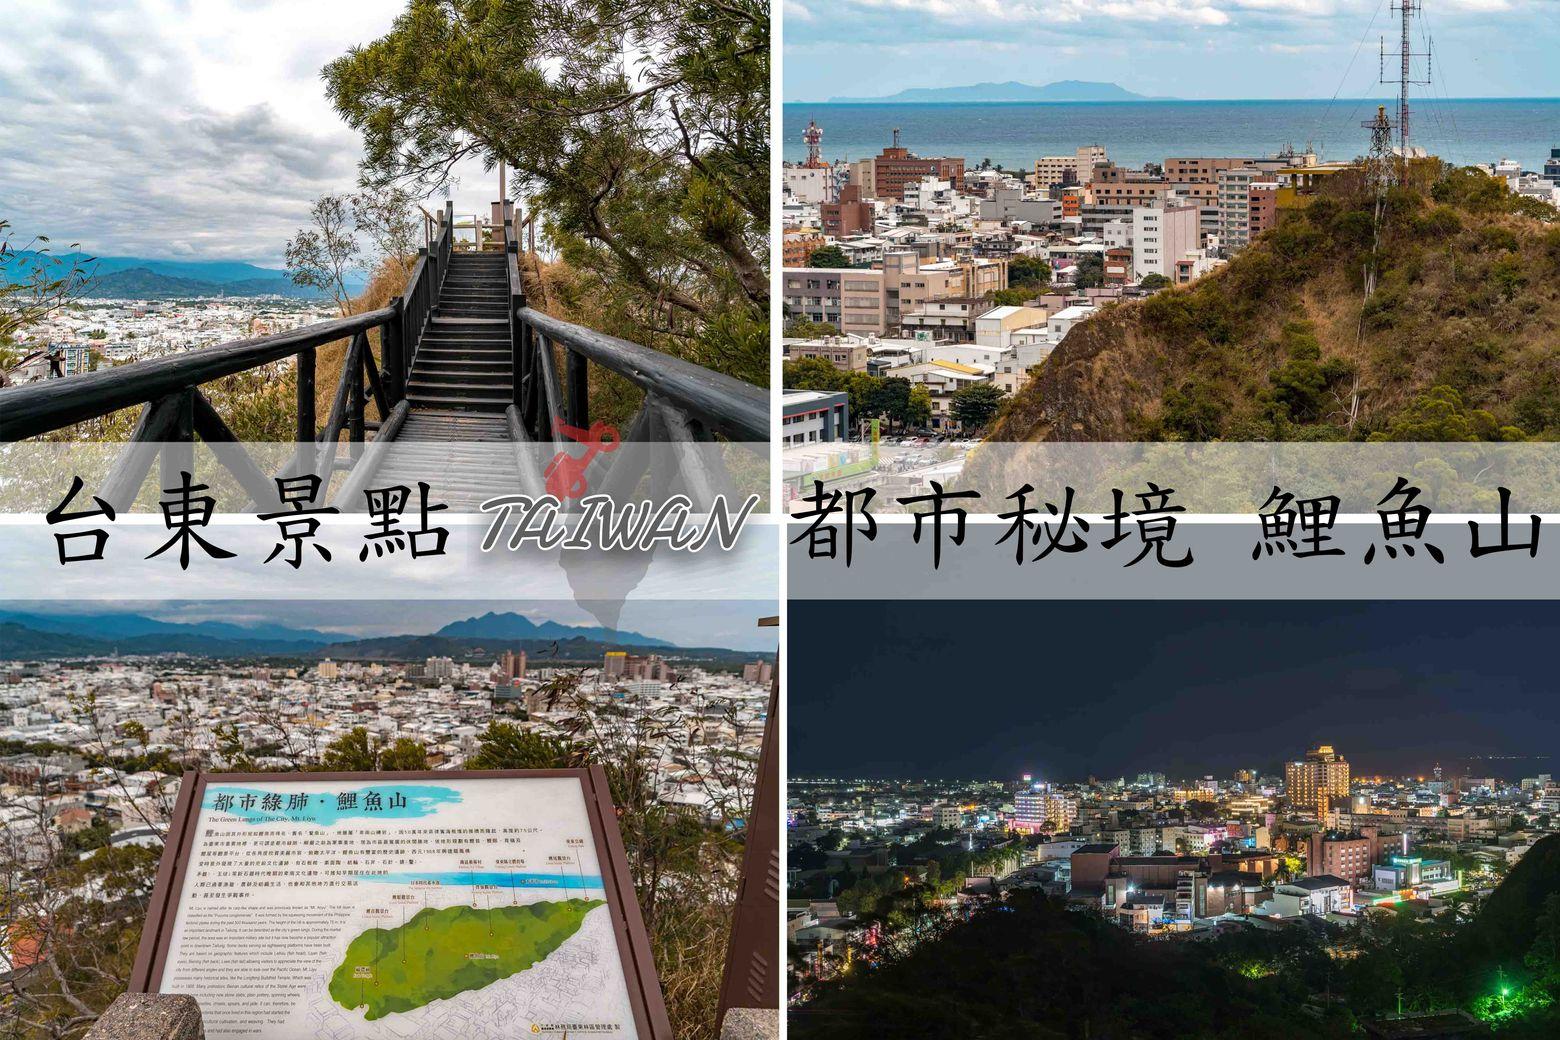 『台東市區景點』最輕鬆登山步道,鯉魚山公園,360度環繞市景超療癒